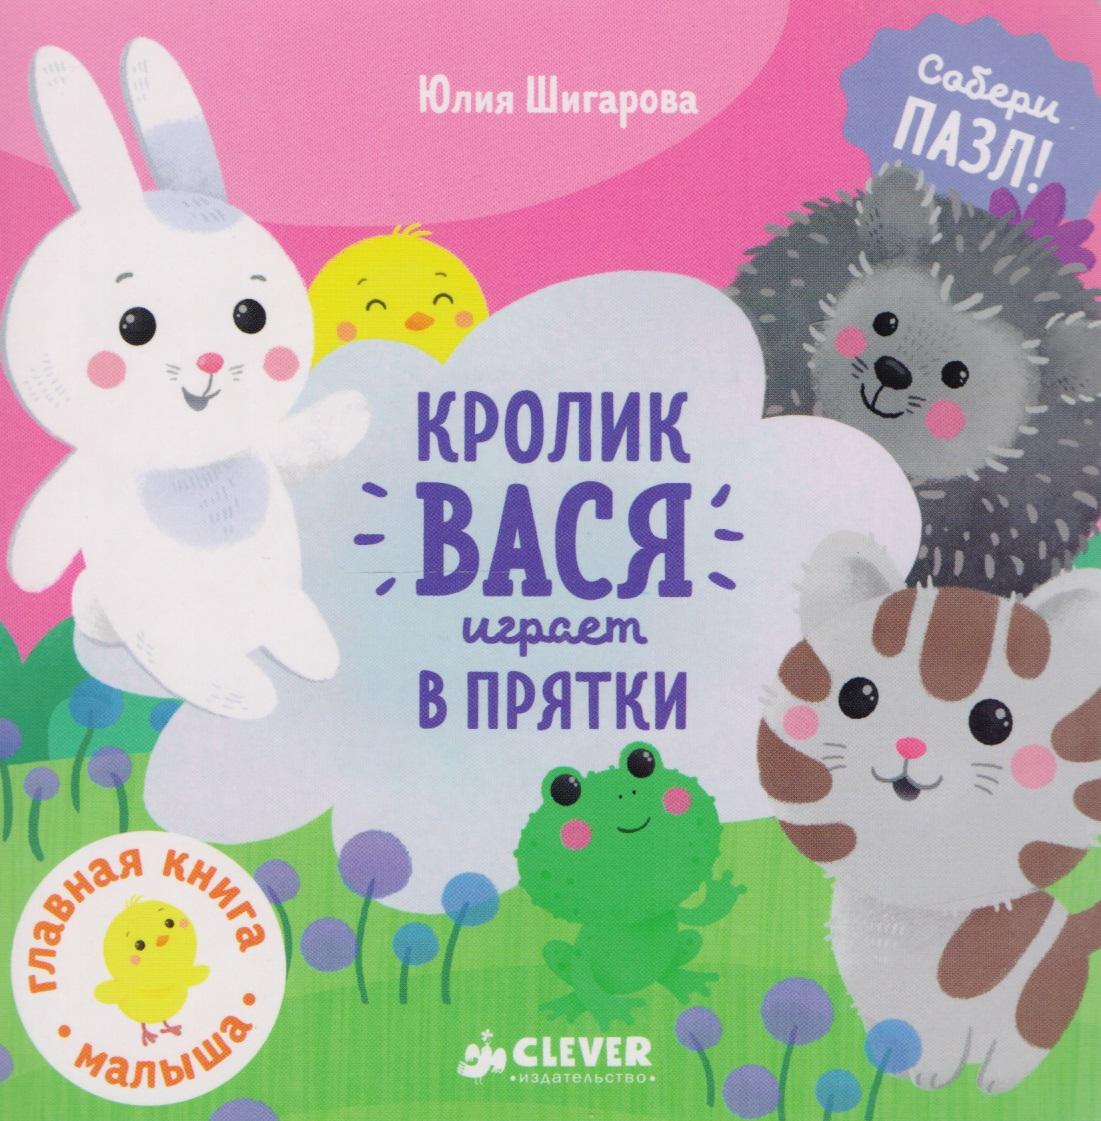 Шигарова Ю. Кролик Вася играет в прятки ситников ю безлюдье